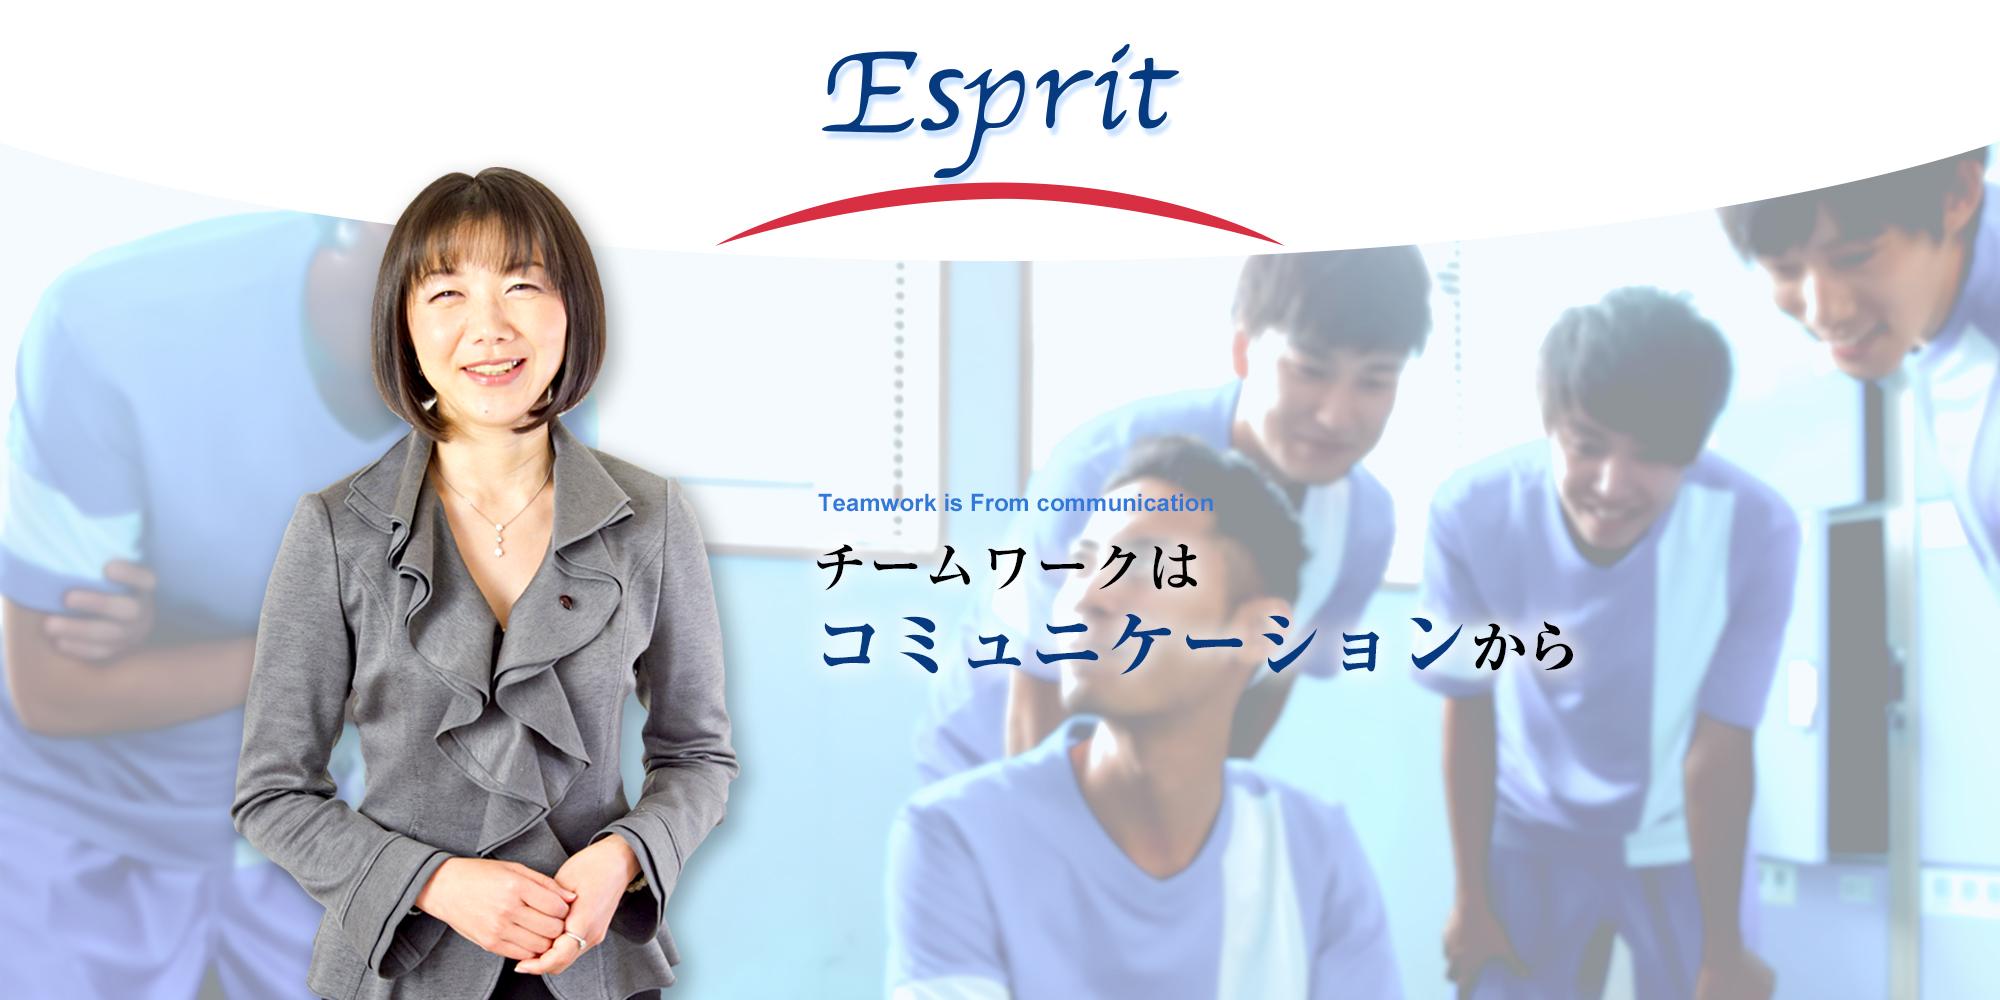 メンタルトレーニングの研修はEspritにお任せ | チームワークはコミュニケーションから